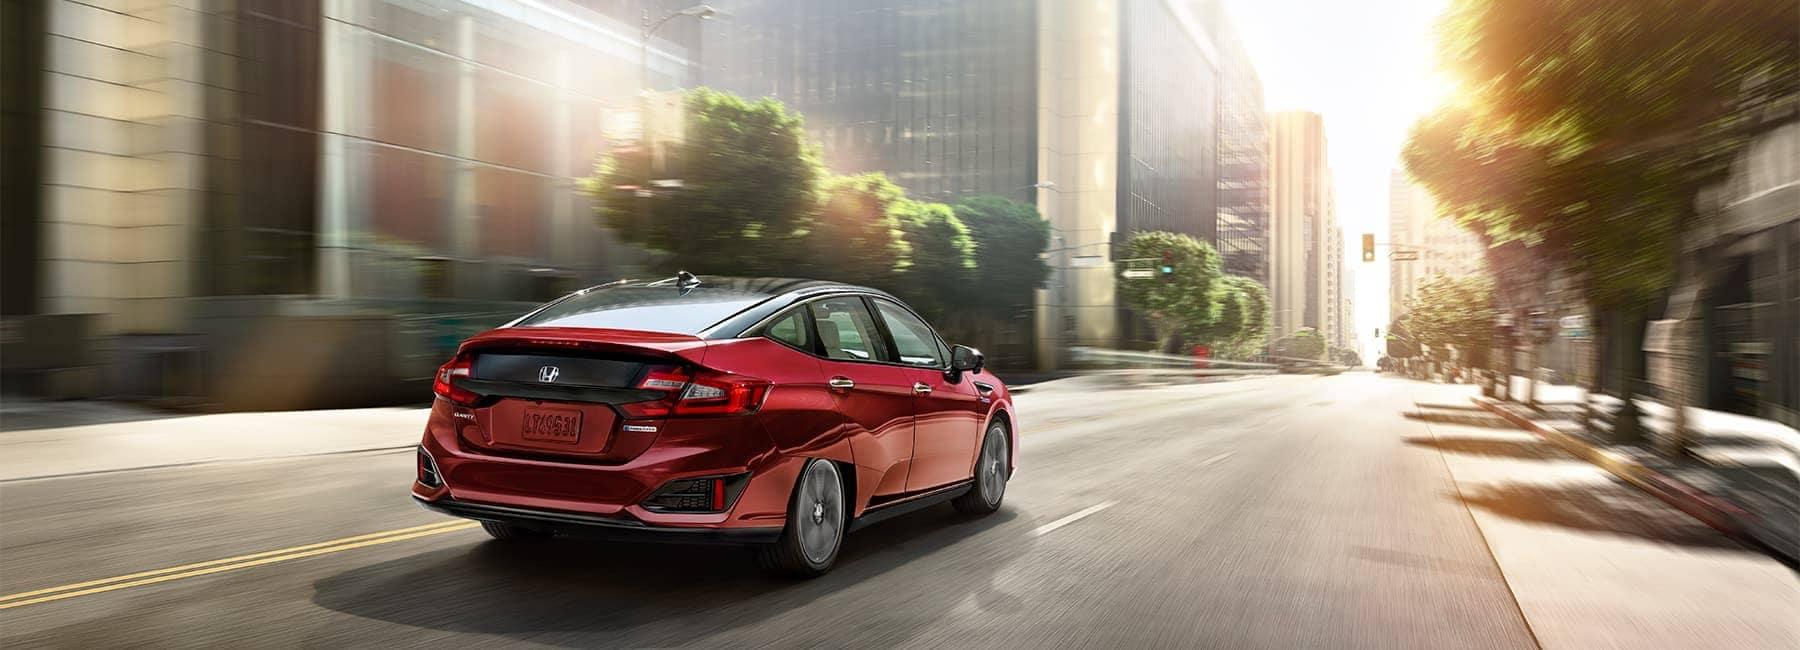 2020 Honda Clarity Rear View